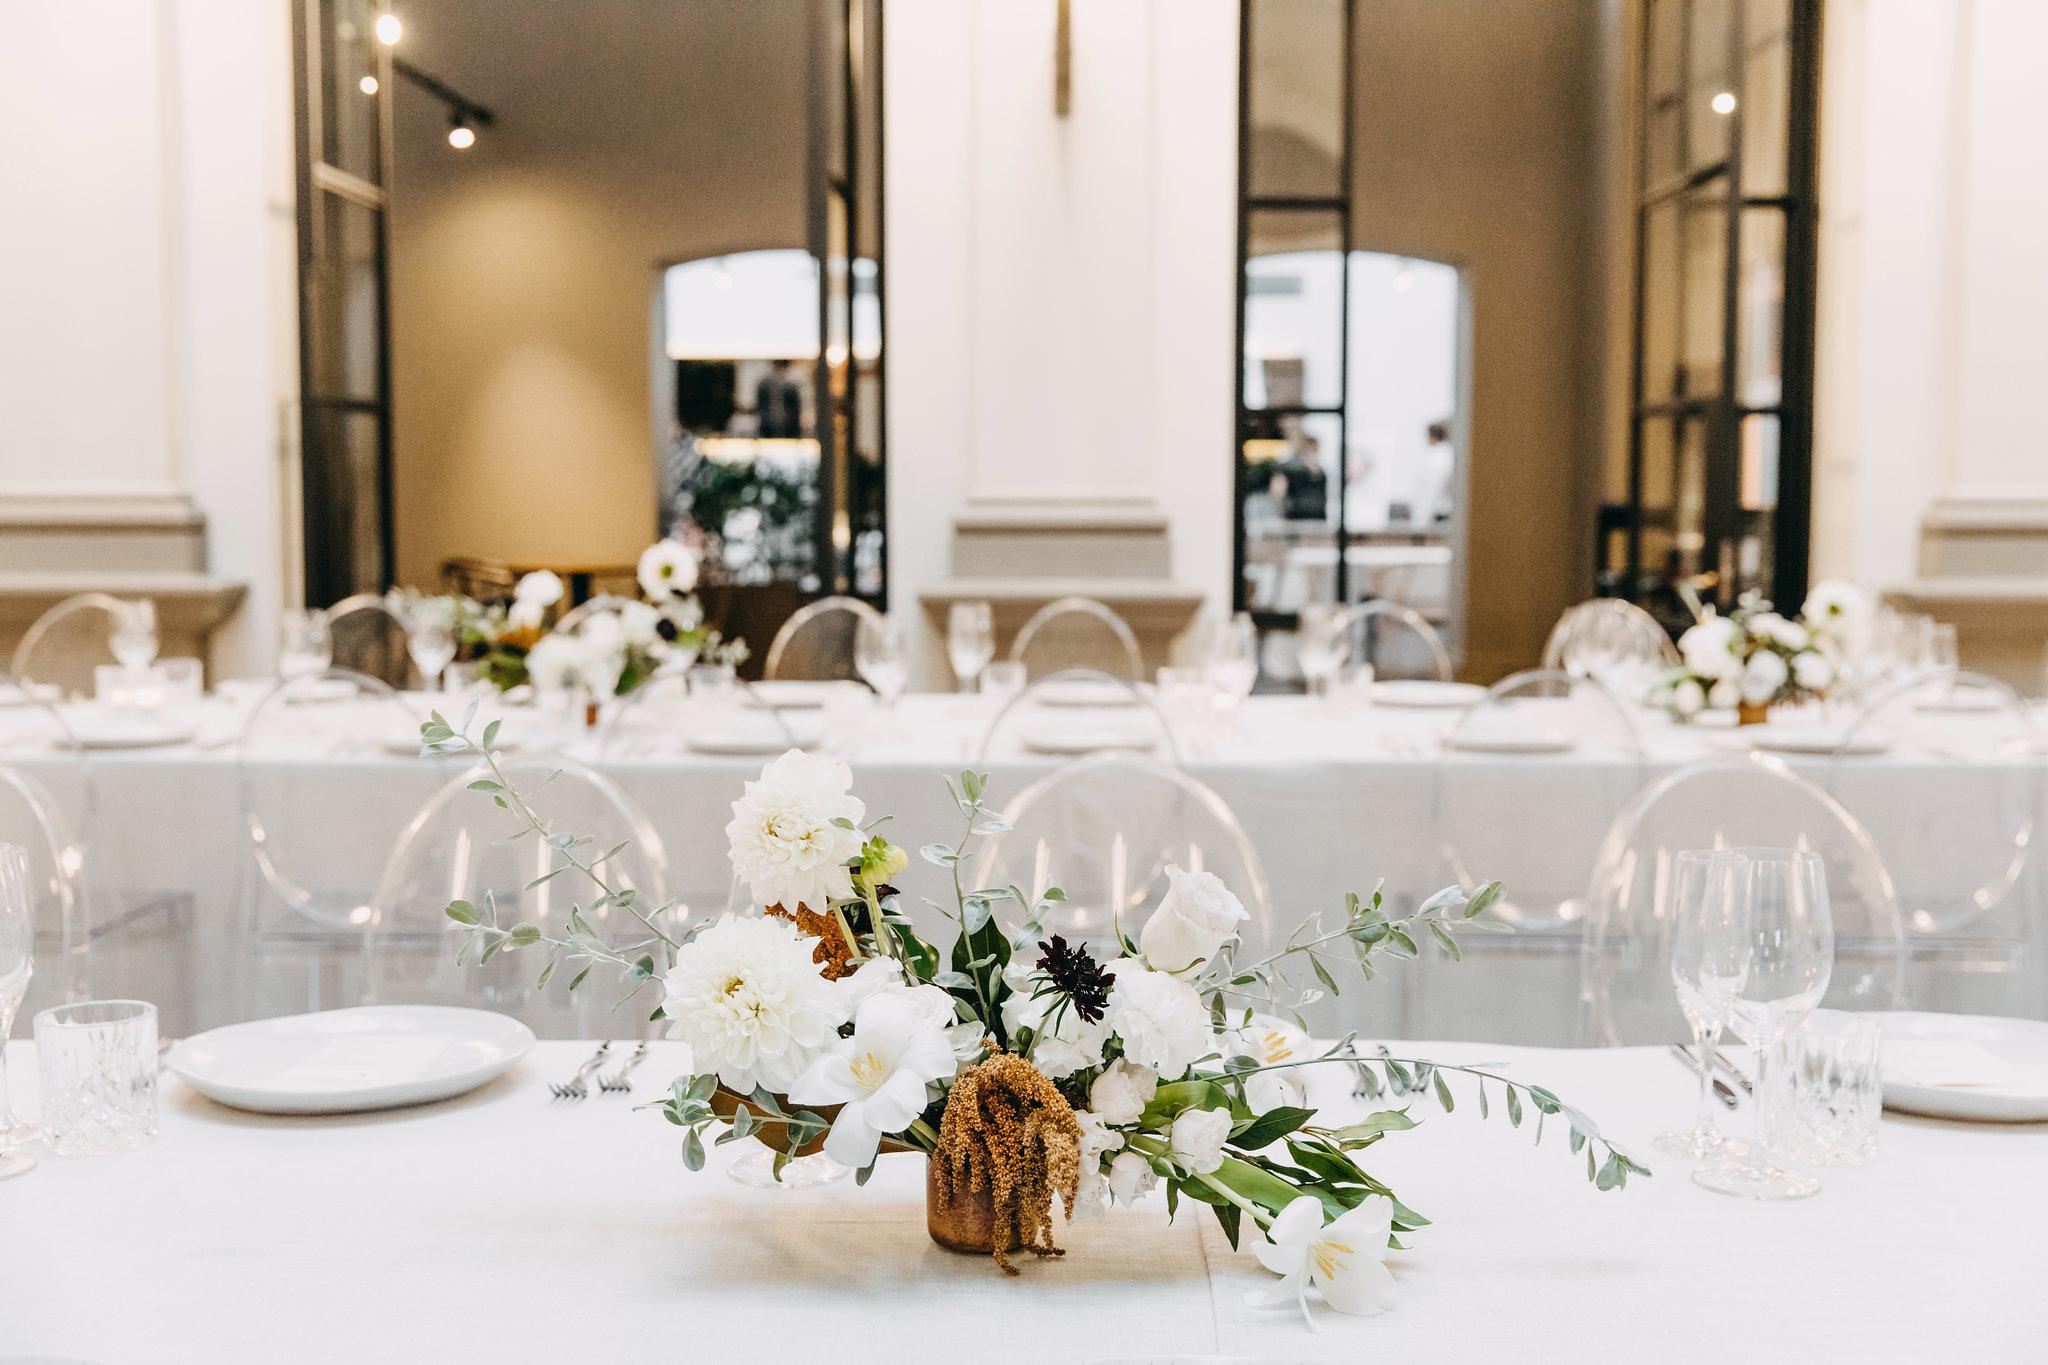 WEDDINGOPENDAY-STATEBUILDINGS-APR2018-47